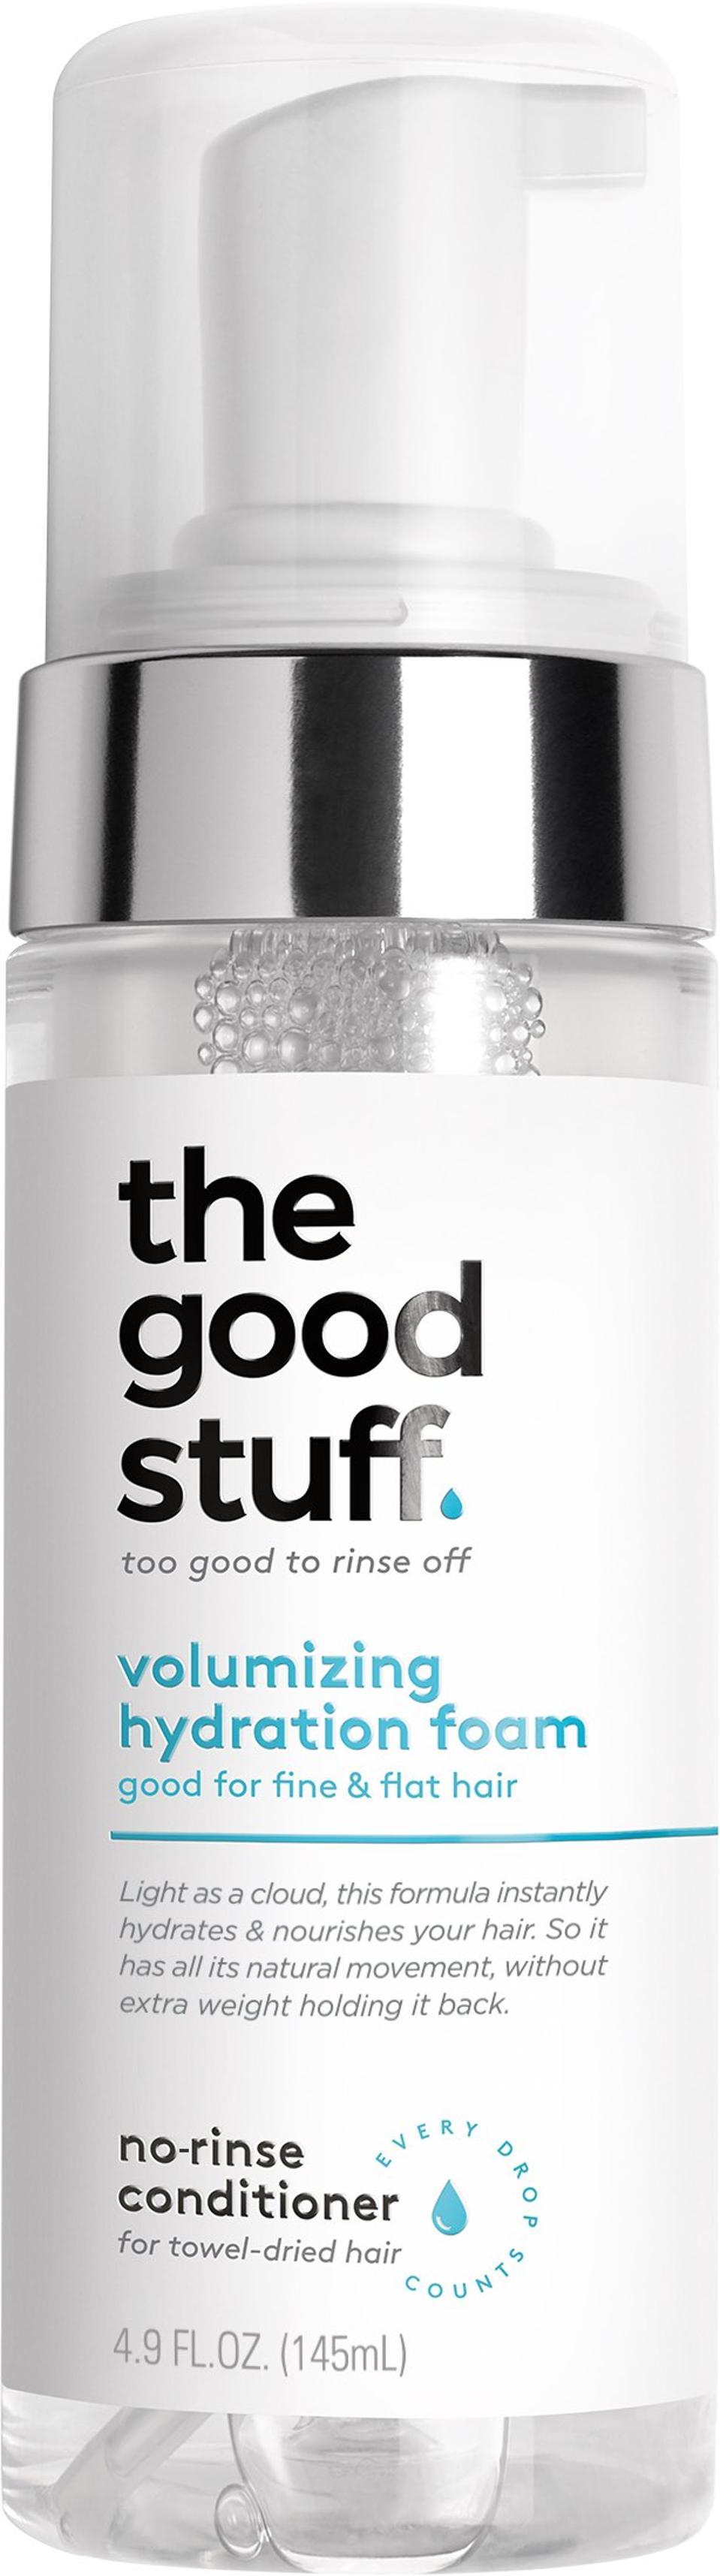 The Good Stuff Volumizing Hydration Foam